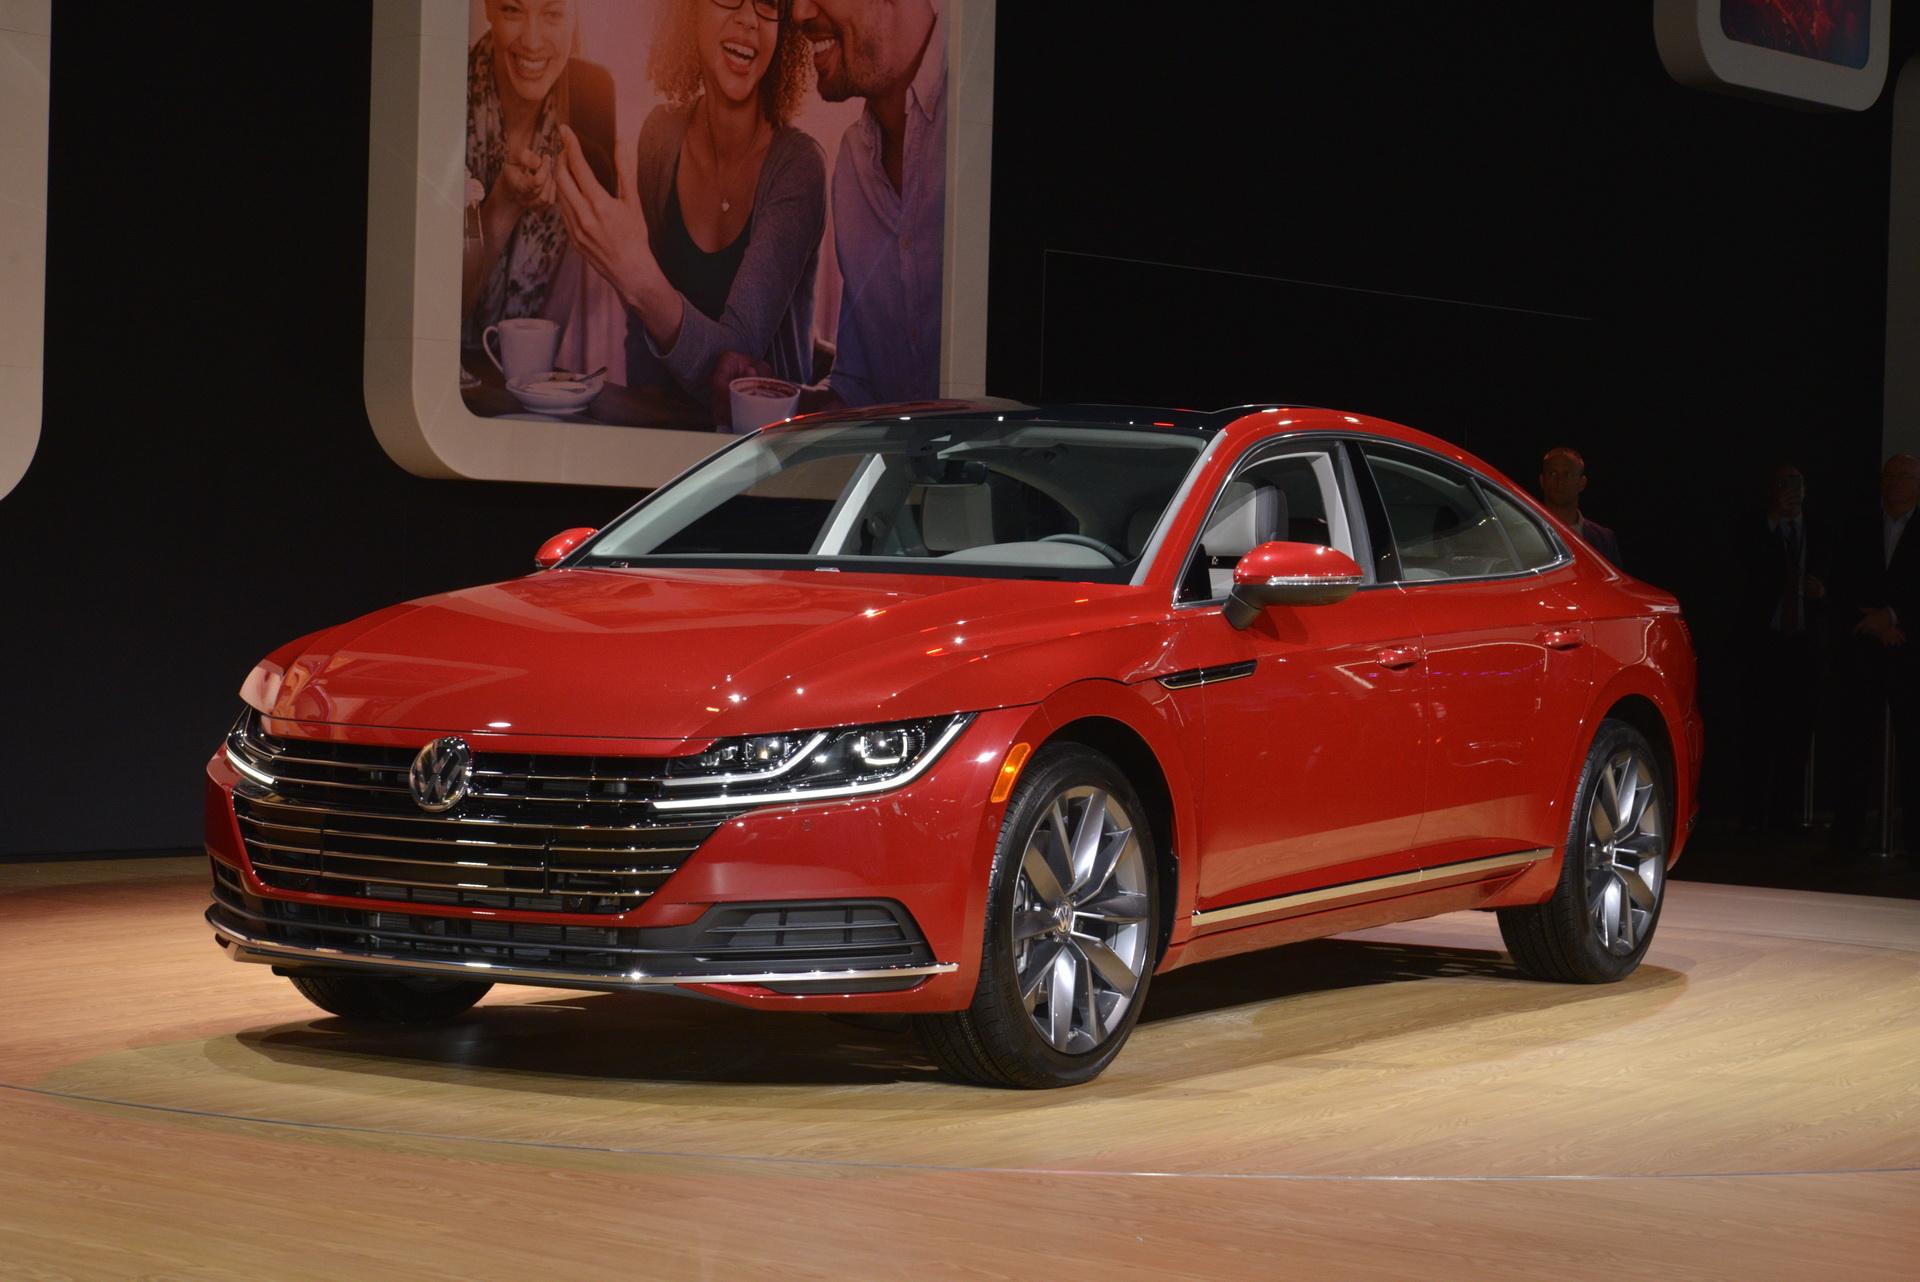 Немецкий автопроизводитель Volkswagen объявил о начале продаж модели Arteon. на американском рынке